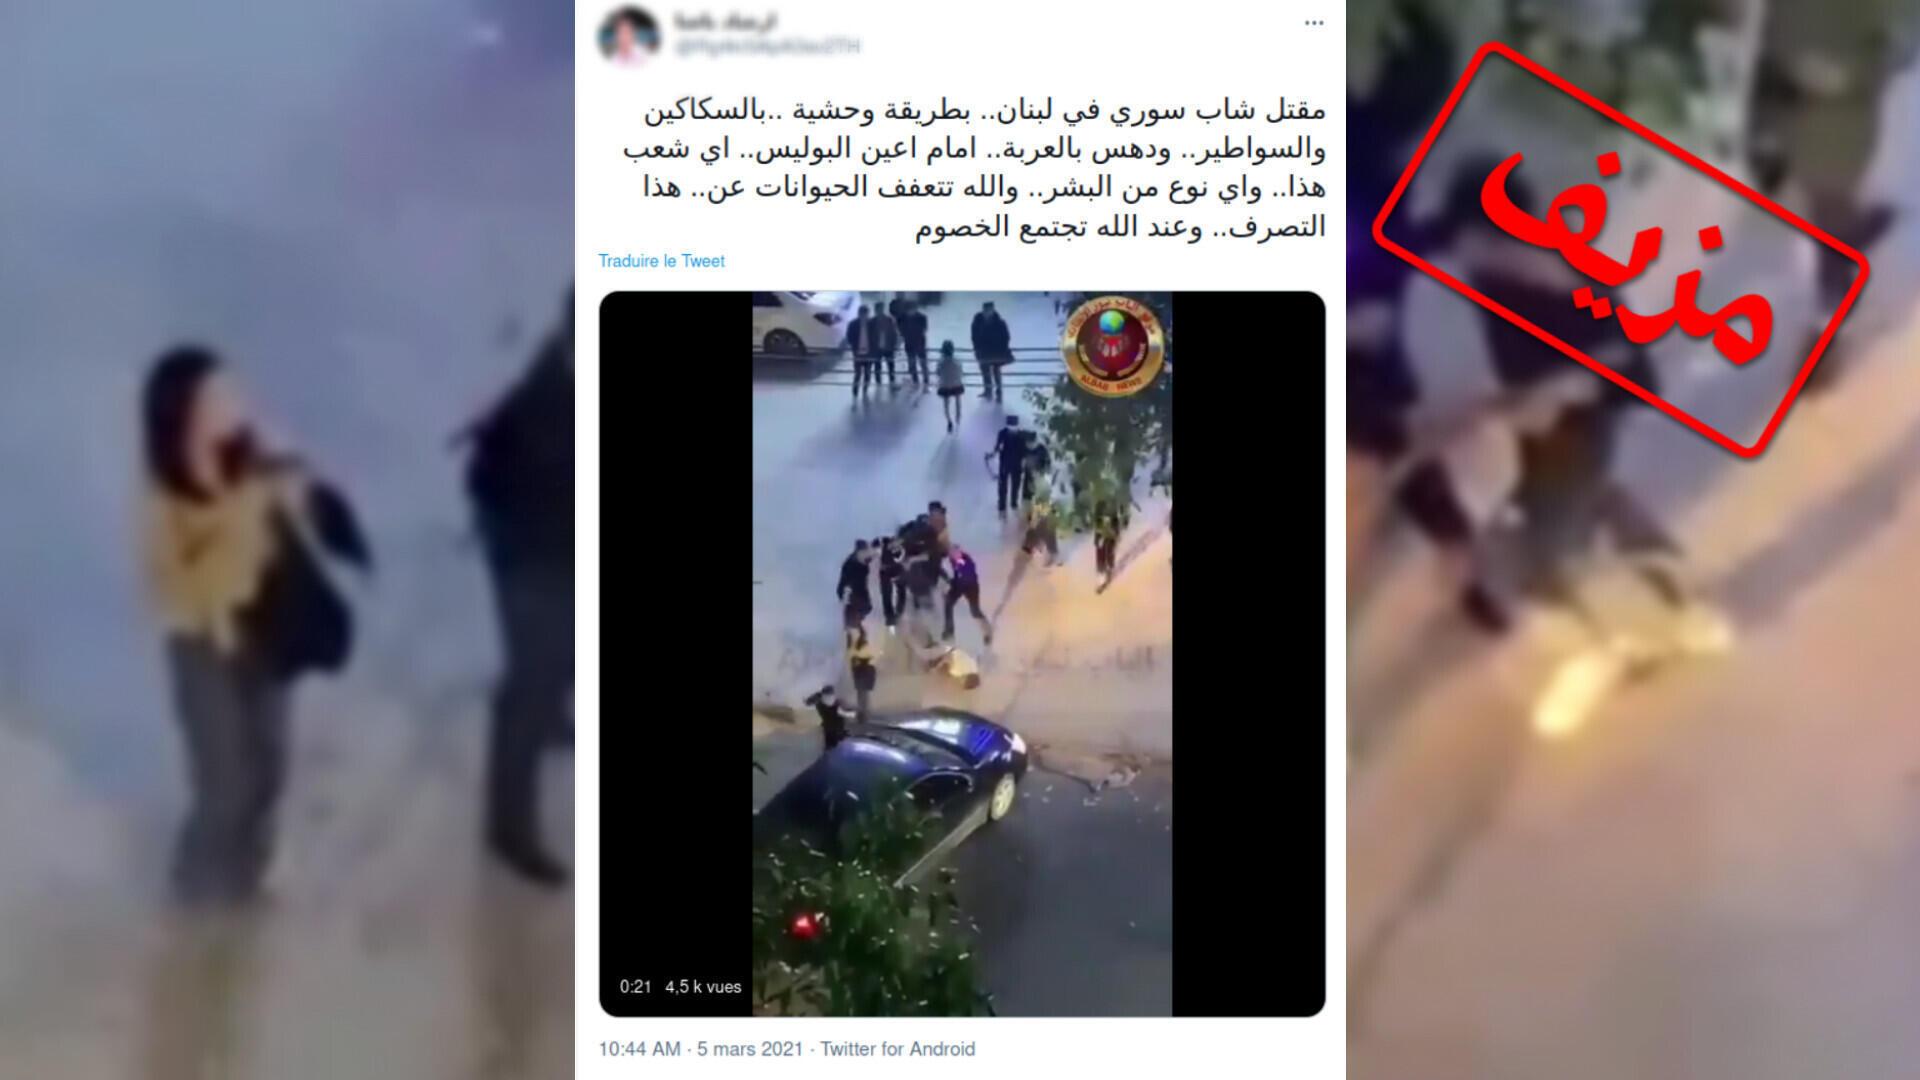 هذا الفيديو، الذي قدم على أنه اعتداء ضد سوري في لبنان، صور في الحقيقة في الصين وليست له أية علاقة بكره الأجانب. صورة من تويتر